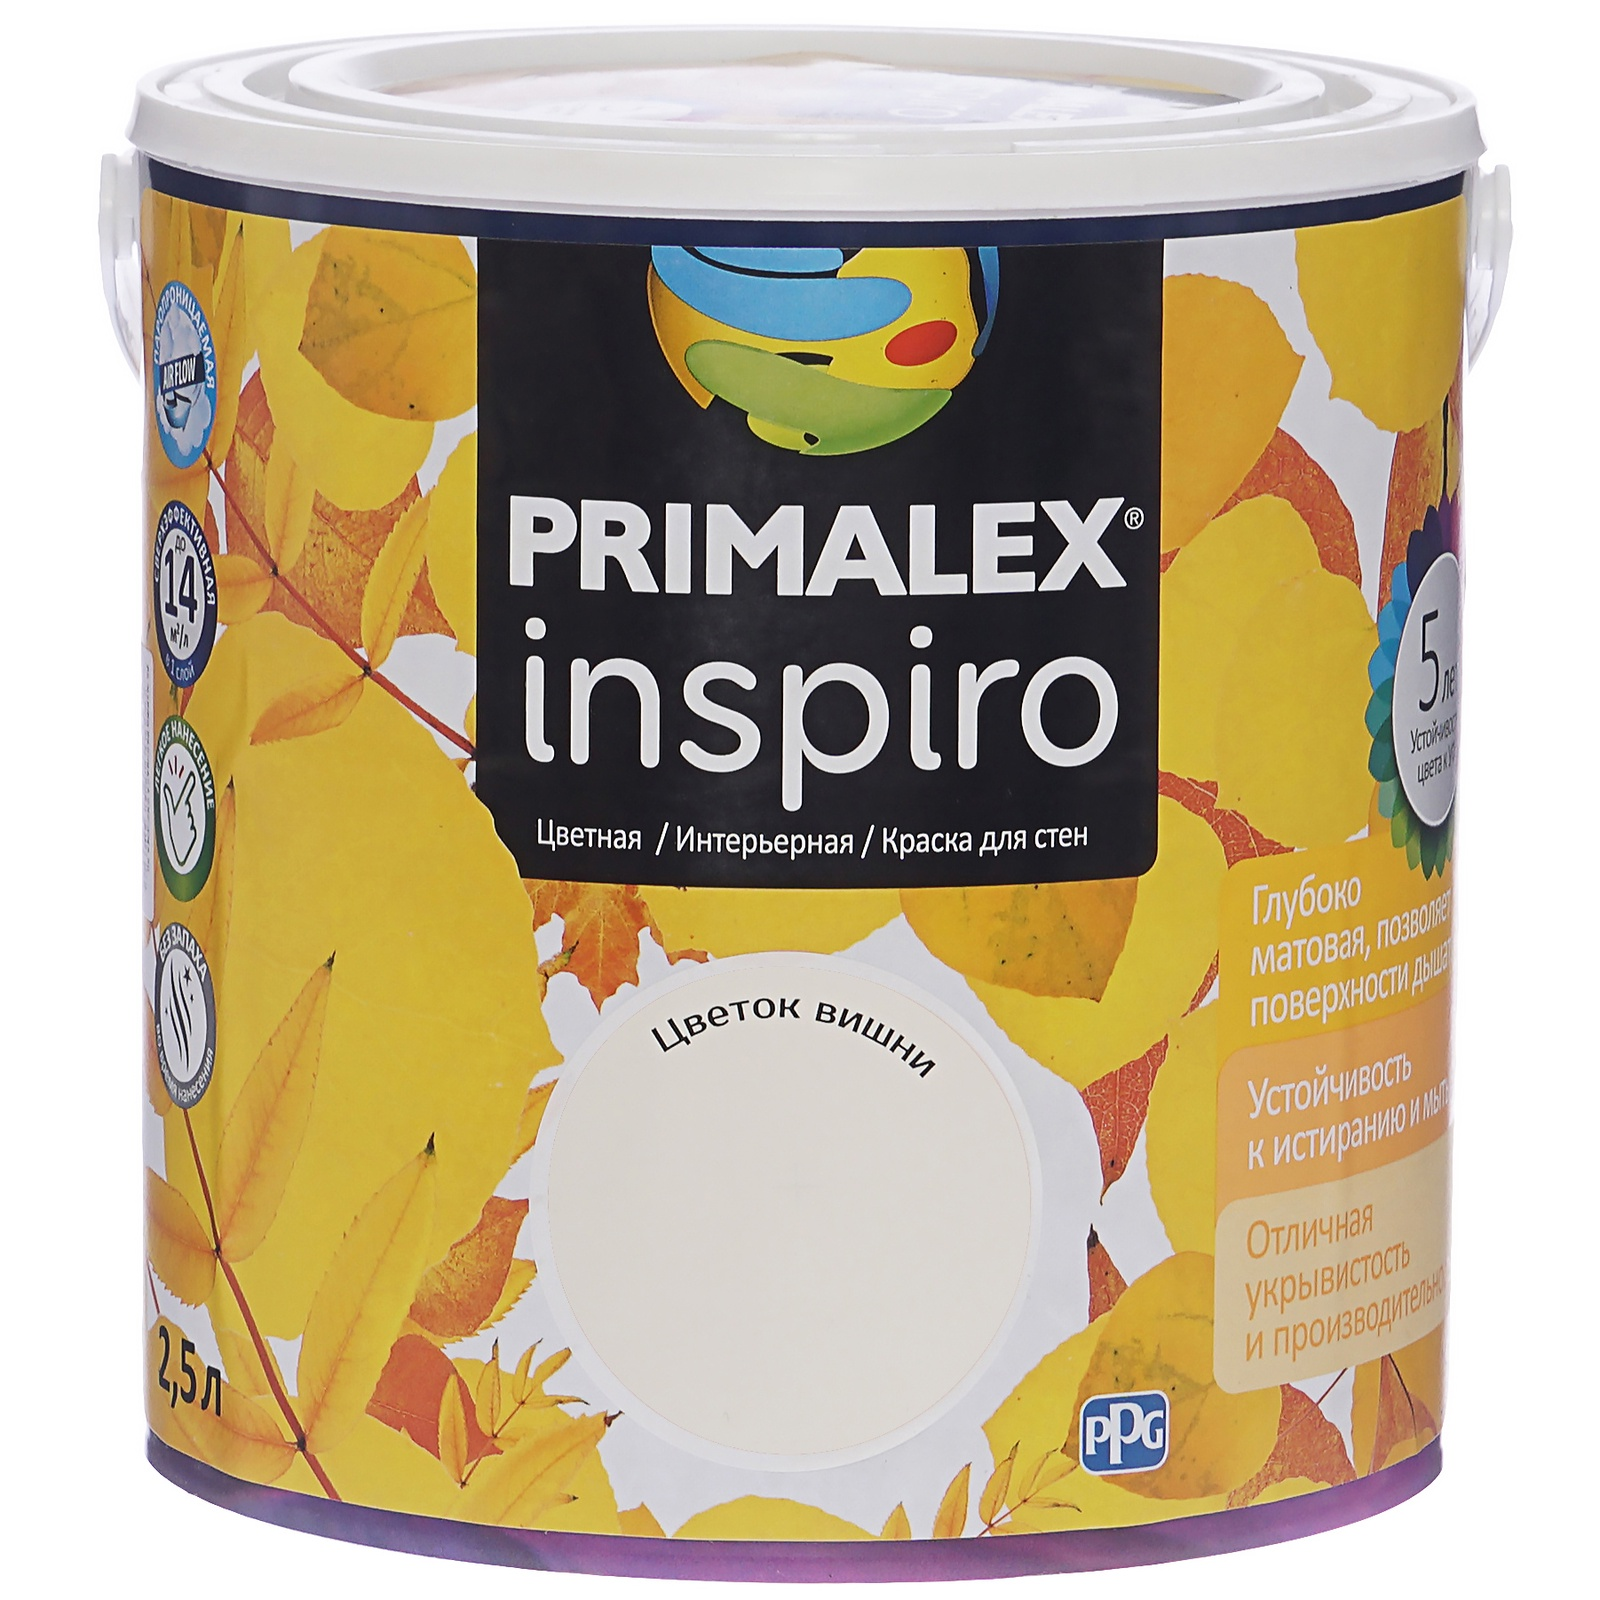 Краска PPG Primalex Inspiro Цветок Вишни 2,5л, 420127420127Интерьерная водоэмульсионная краска, глубокоматовая (без блеска), образует прочный слой, стойкий к истиранию, мытью, царапинам, УФ-лучам. Расход 14м2/л. Наносится на необработанные поверхности, а также применяется для обновления оштукатуренных и зашитых гипсокартоном оснований. Помимо функций декоративной краски состав выполняет задачи штукатурки, устраняя небольшие дефекты основания. Рекомендуется для использования в жилых и коммерческих помещениях: жилых комнатах, офисах, гостиничных номерах, переговорных комнатах. Цвет - Цветок Вишни